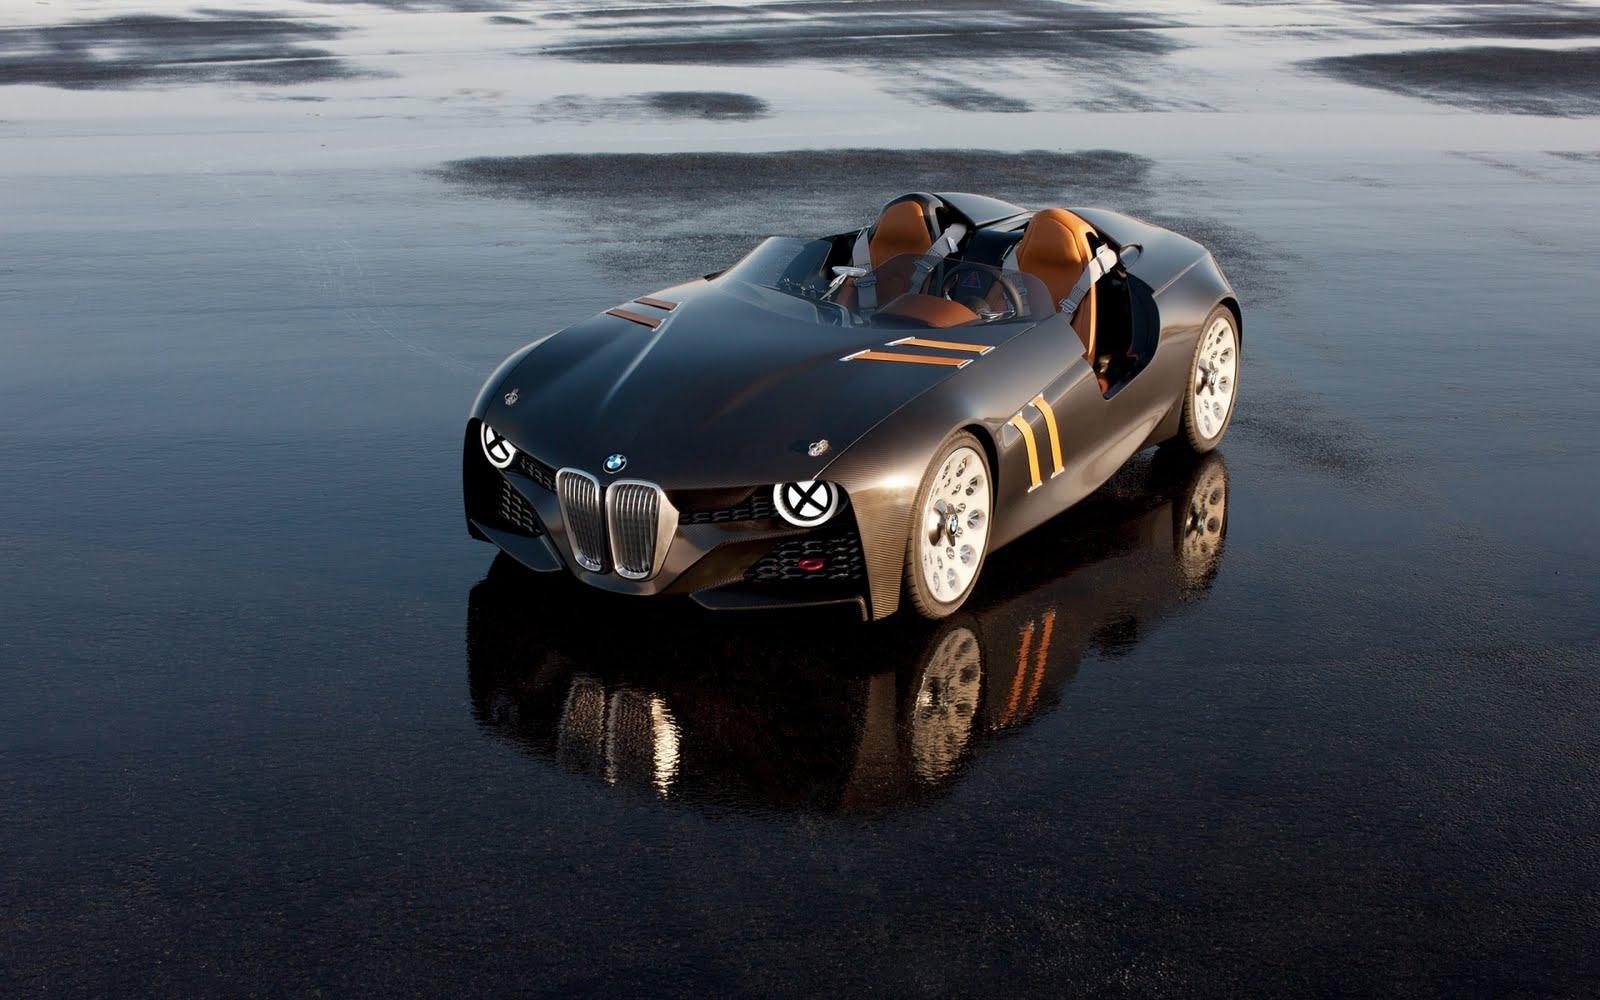 Fotos de autos de superlujo 10